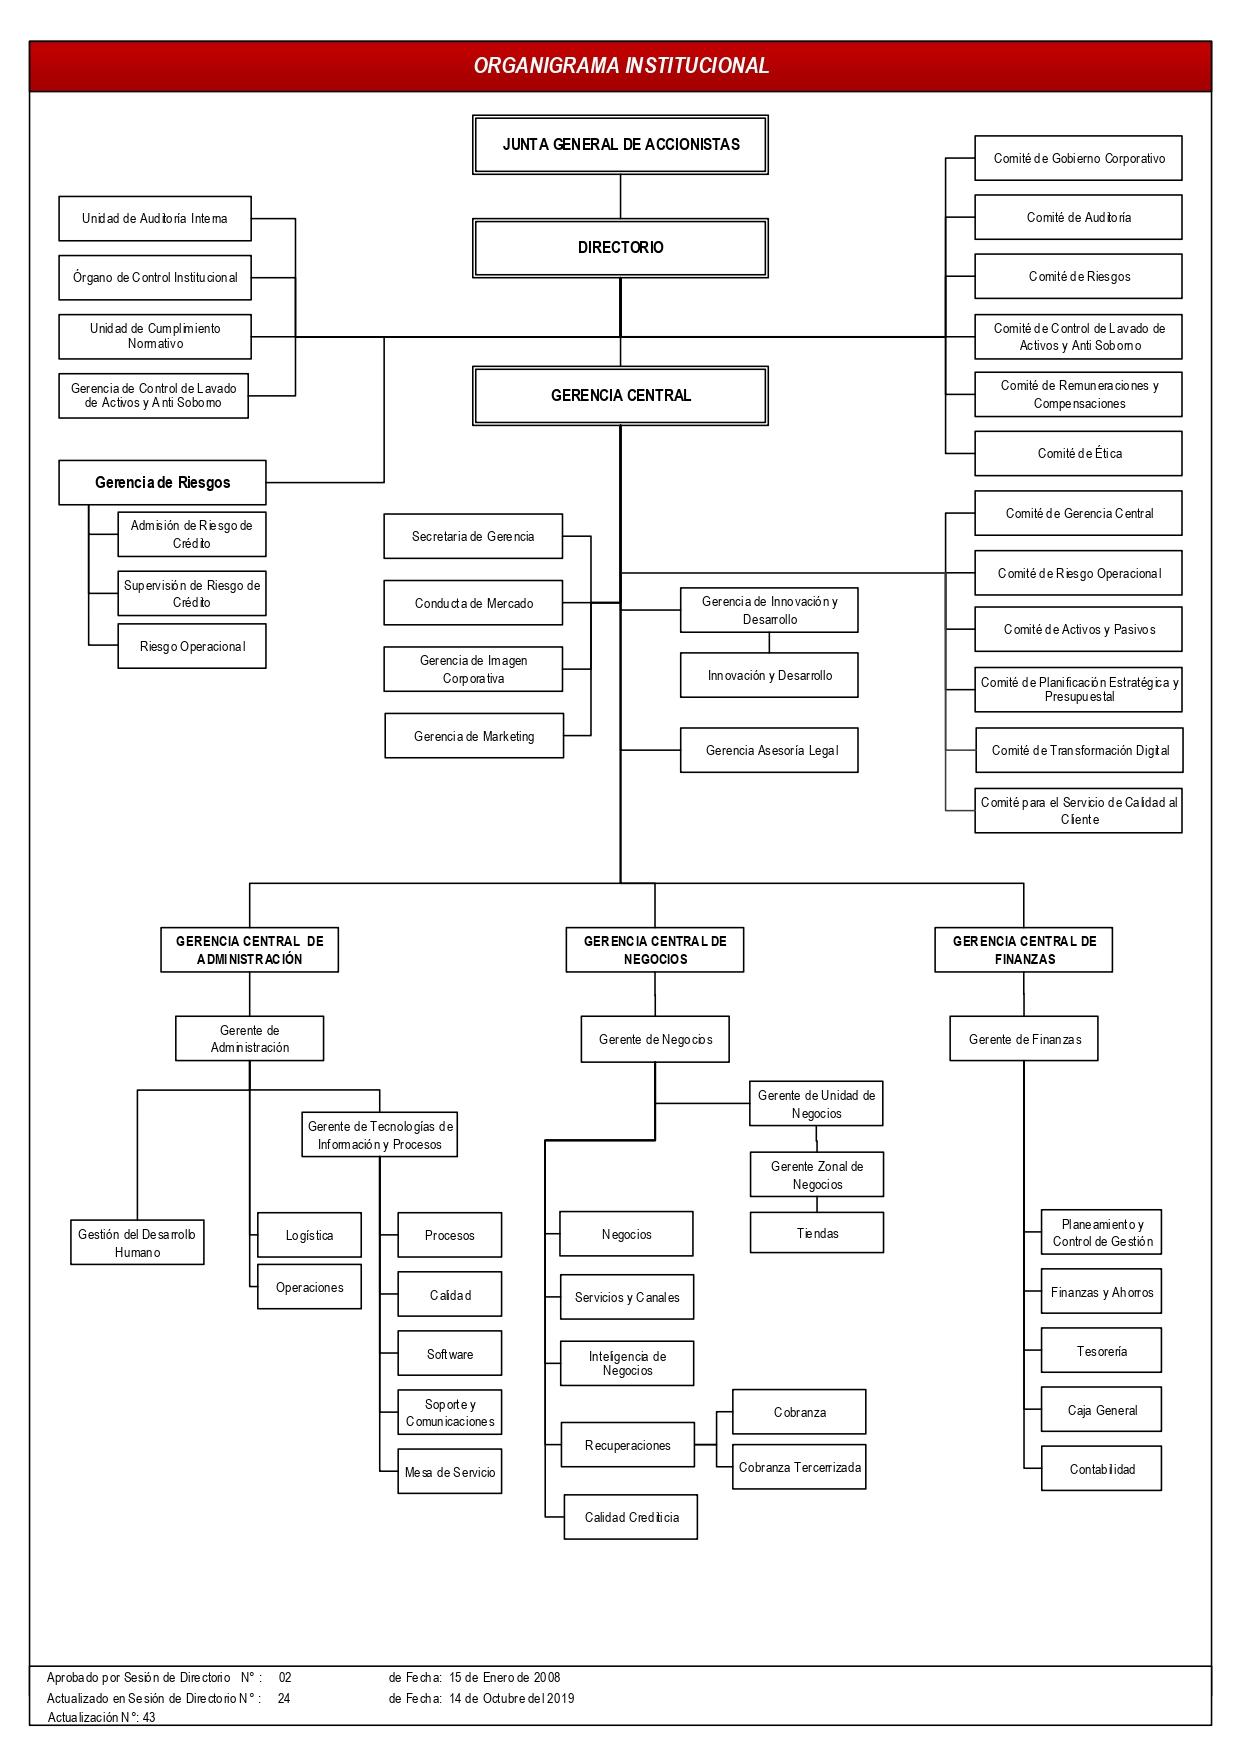 Organigrama Institucional-001